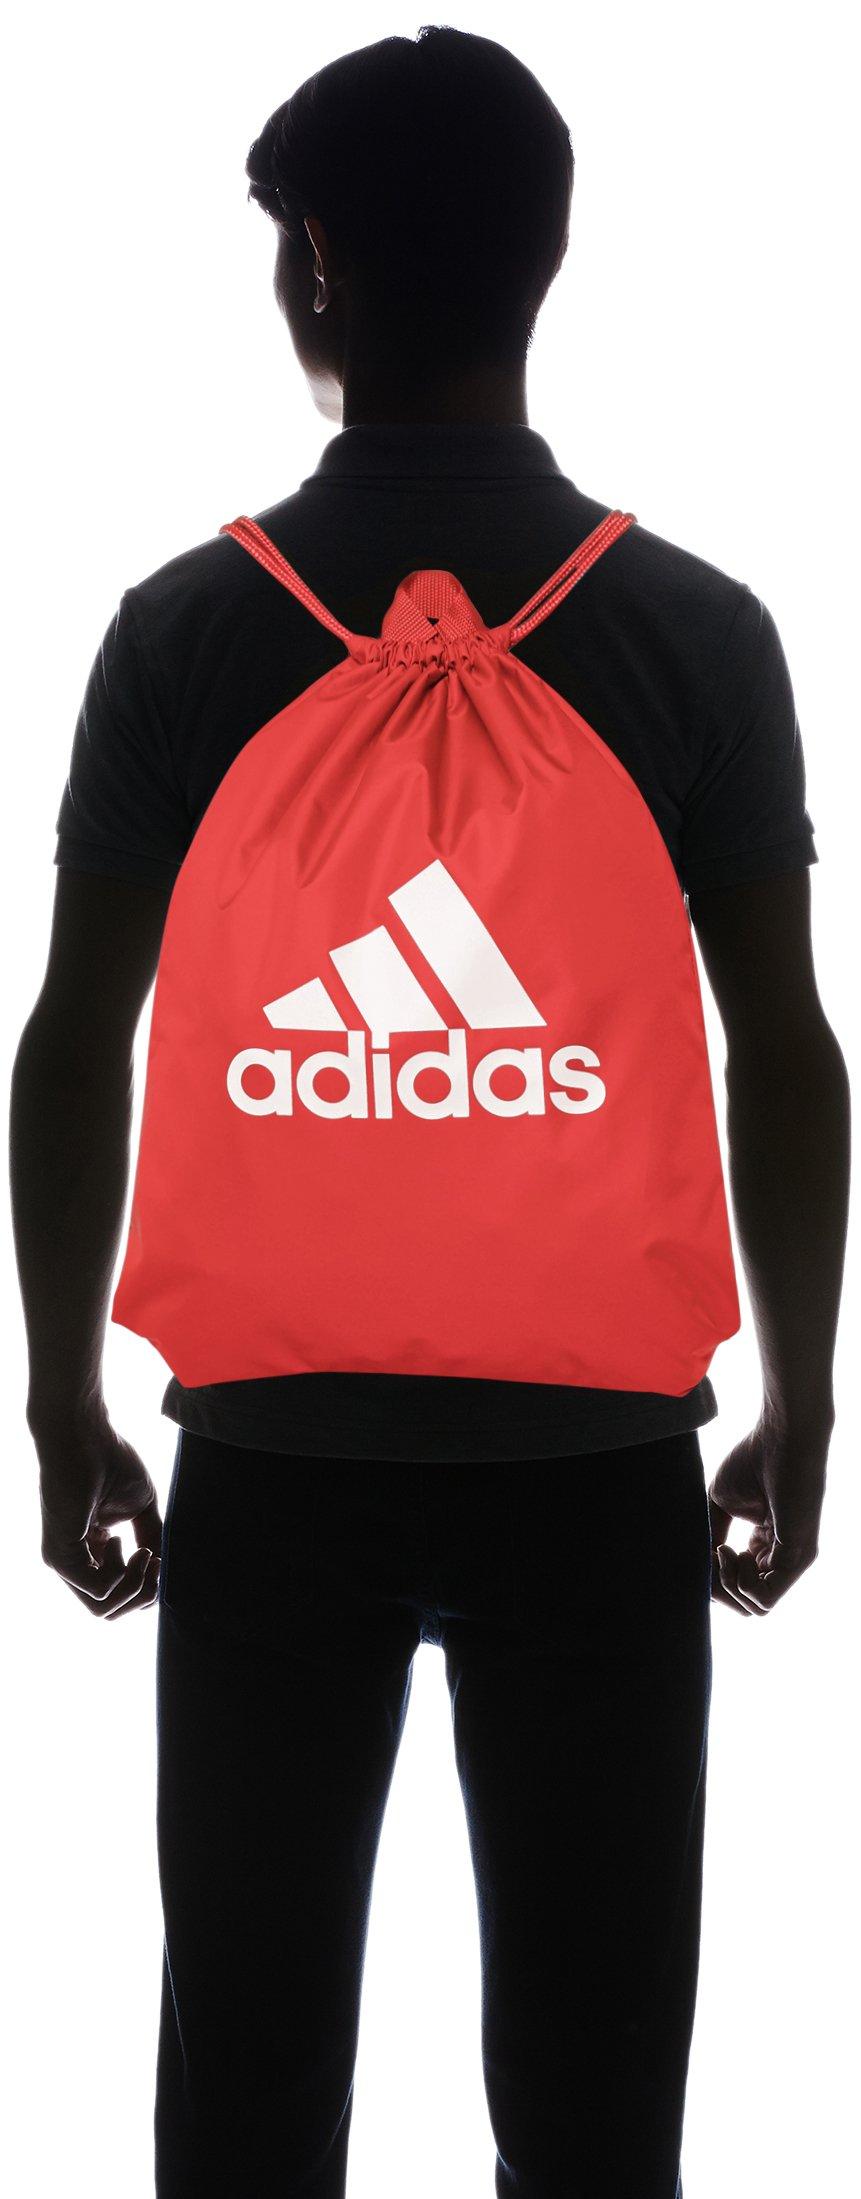 71StnH9PUrL - Adidas Per Logo GB, Mochila Unisex Adultos